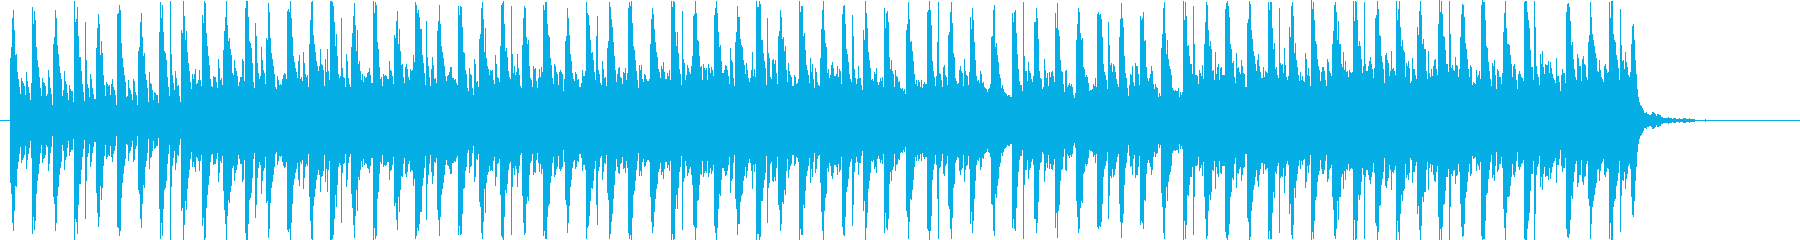 デジタル感溢れるパレード風BGMの再生済みの波形